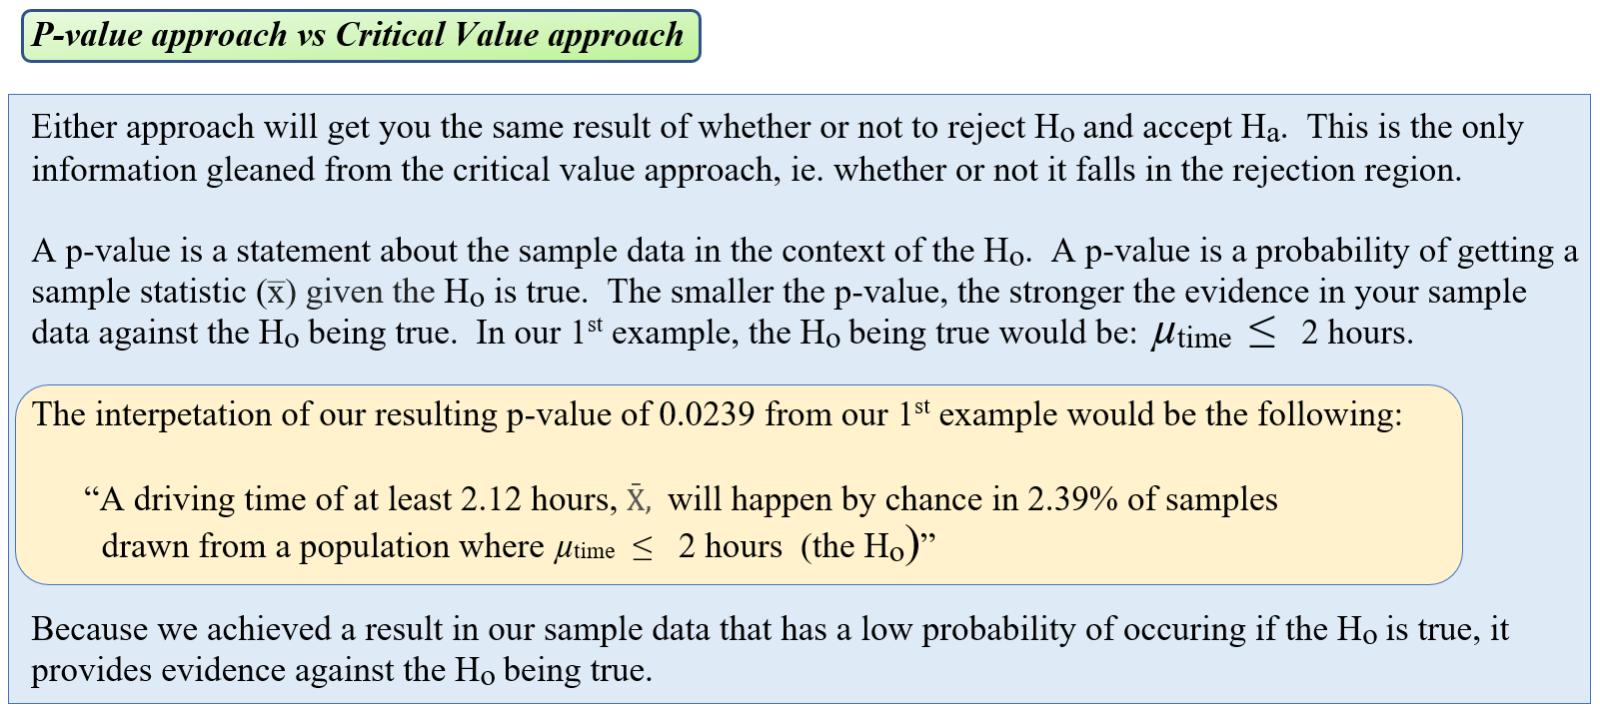 p-value vs. critical